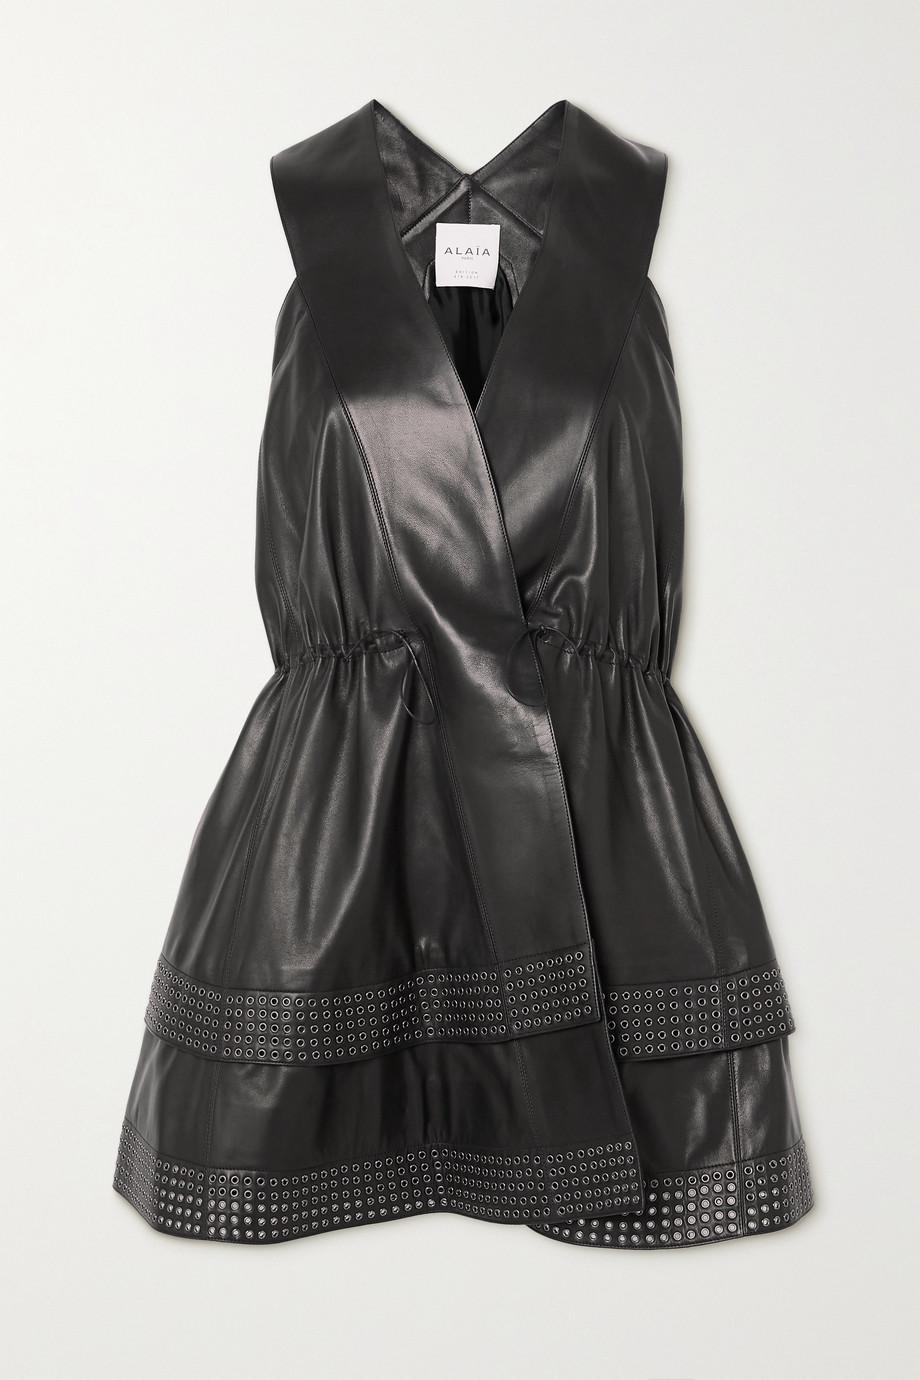 Alaïa Mini-robe portefeuille en cuir à œillets Editions